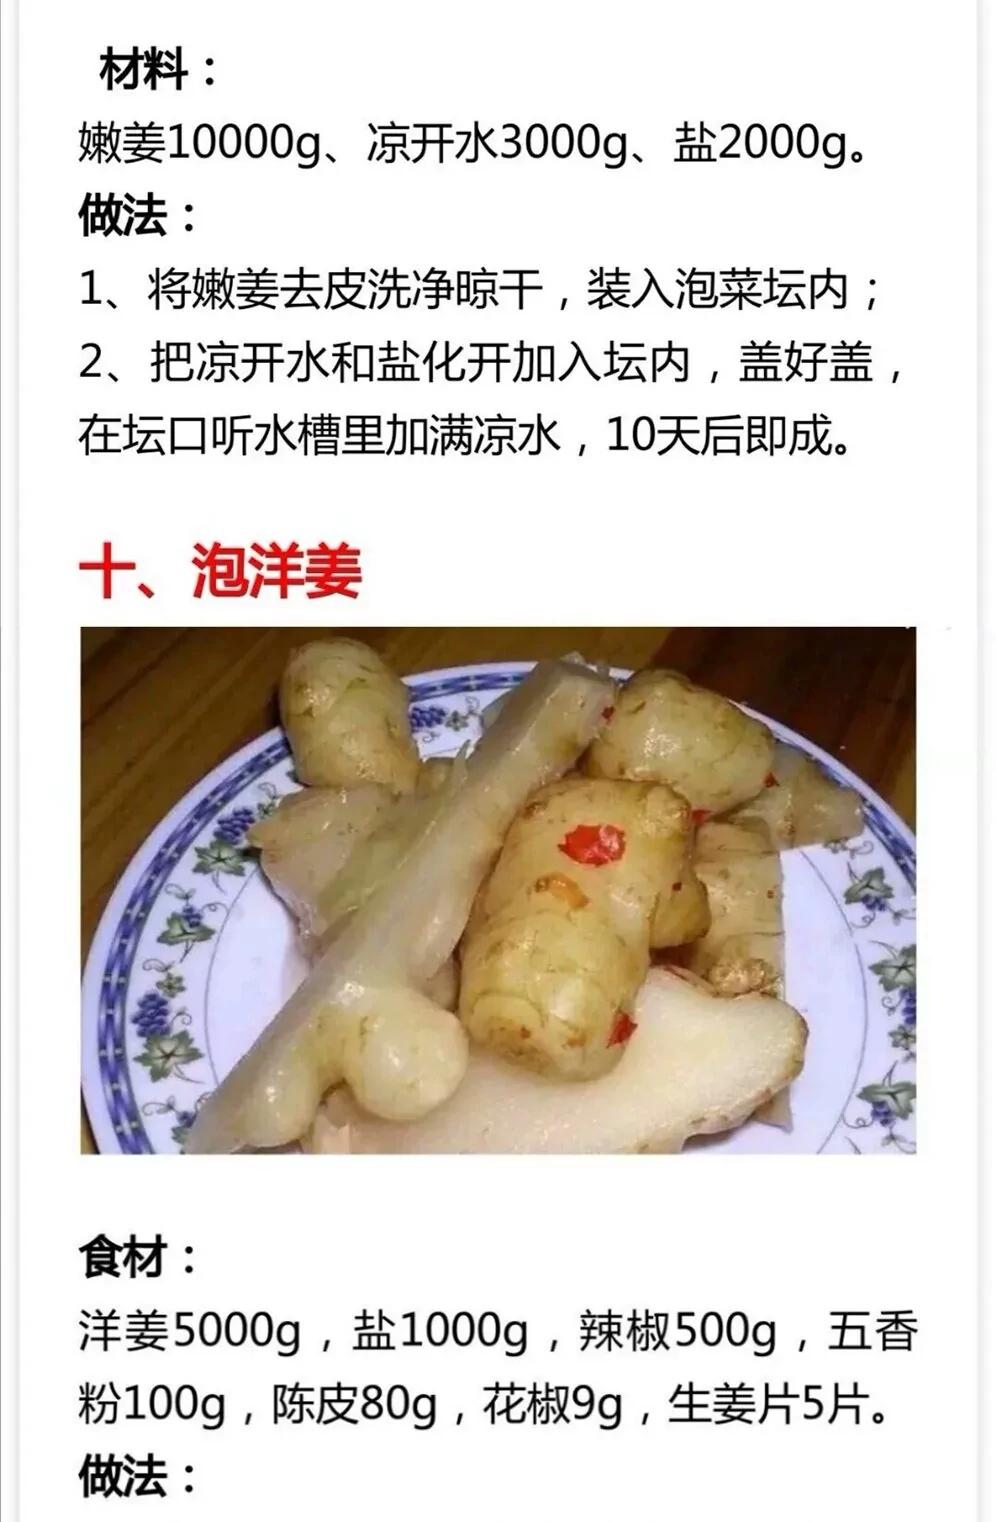 咸菜做法及配料 美食做法 第17张